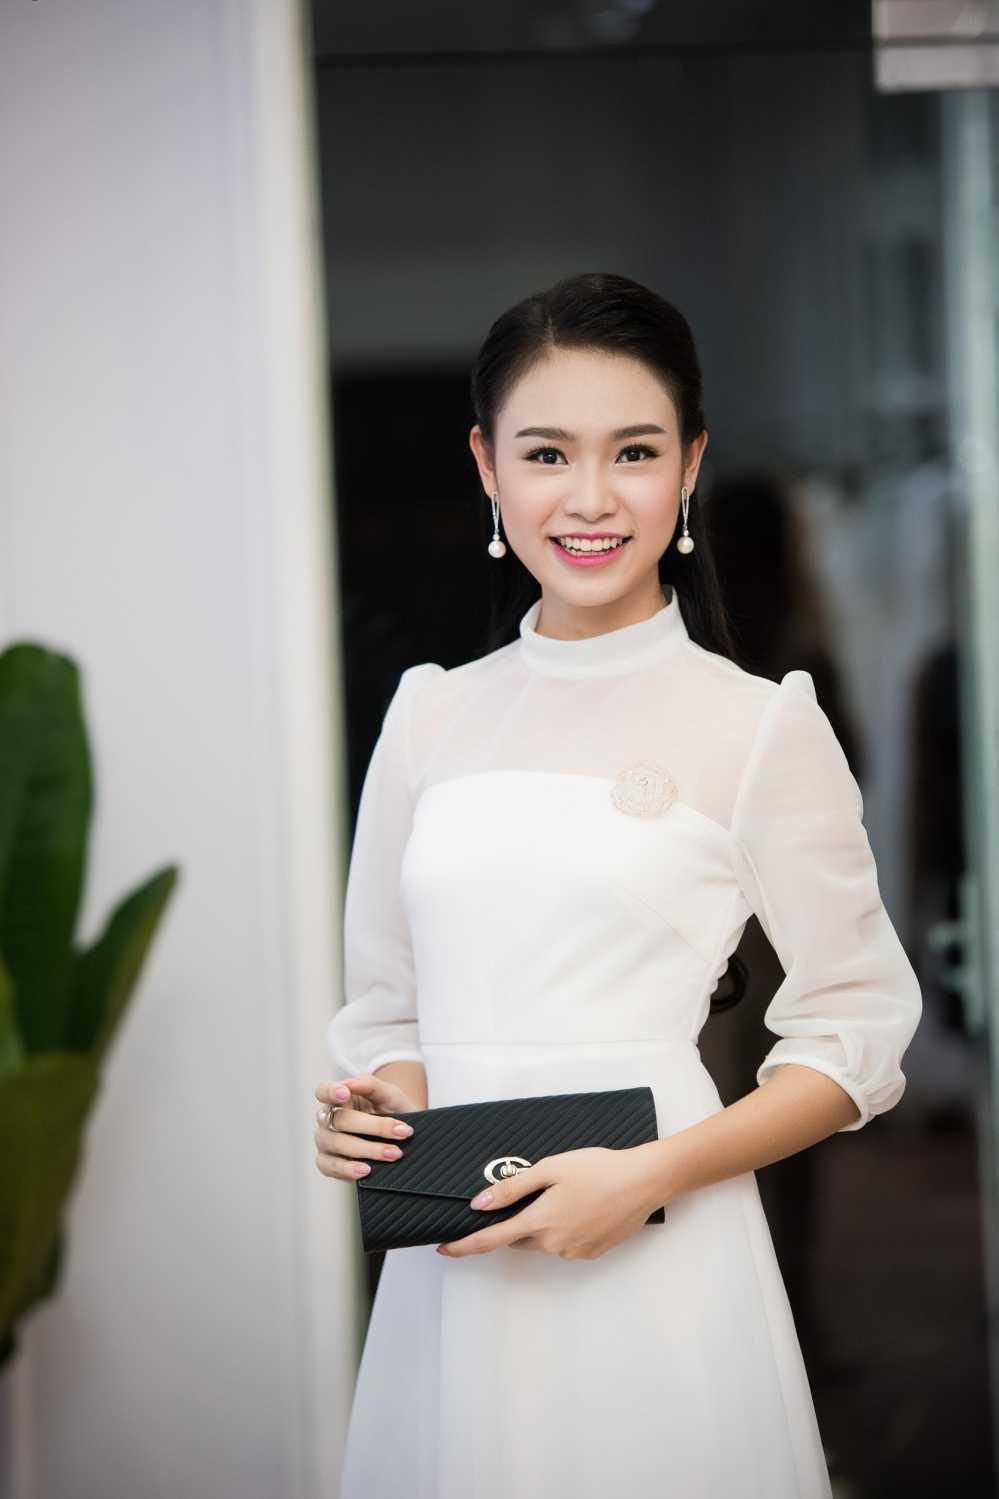 'Nguoi dep truyen thong' Ngoc Van hoi ngo dan chi Huyen My hinh anh 1